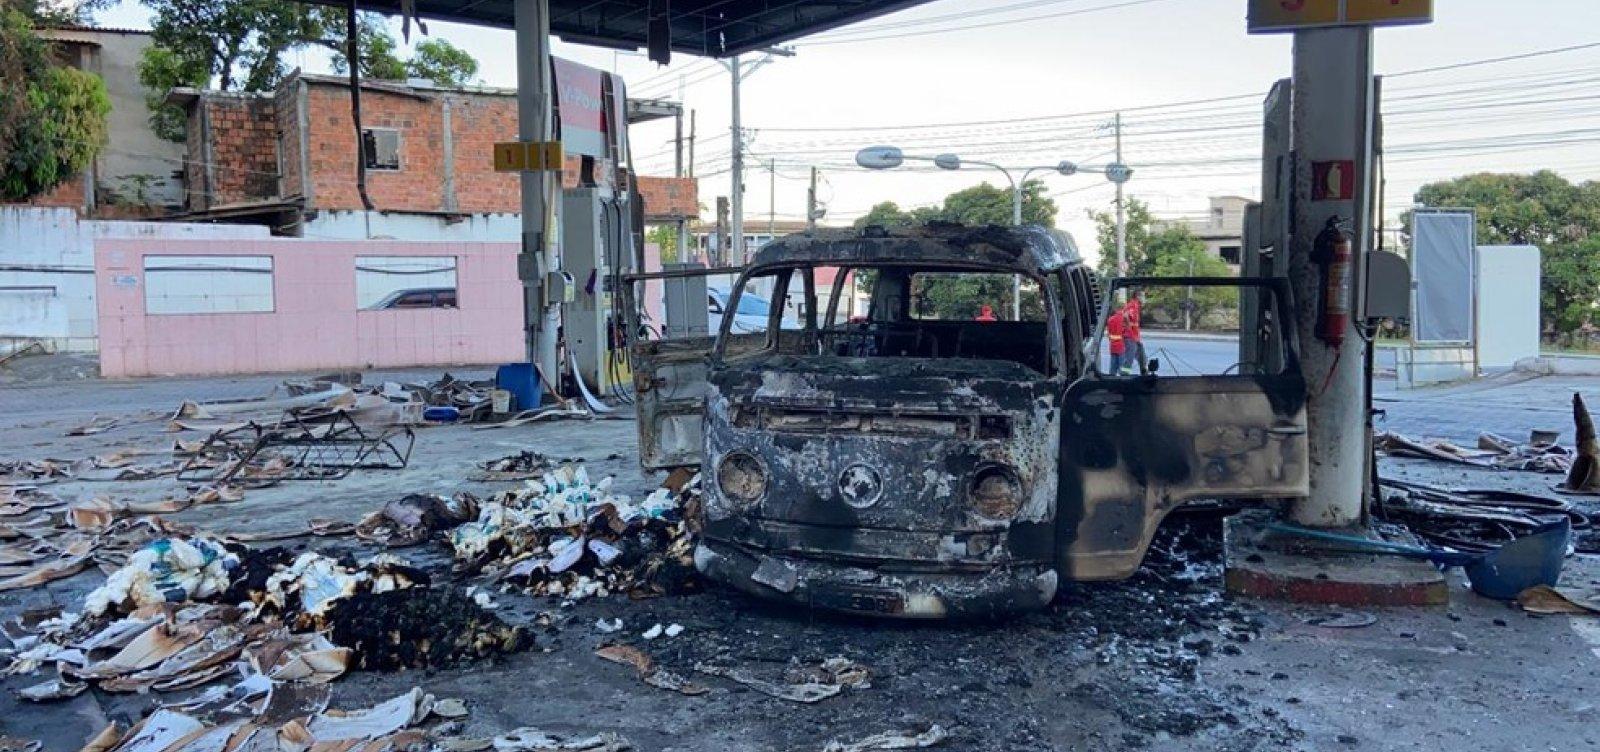 [Carro pega fogo e posto de combustível fica destruído em Salvador]